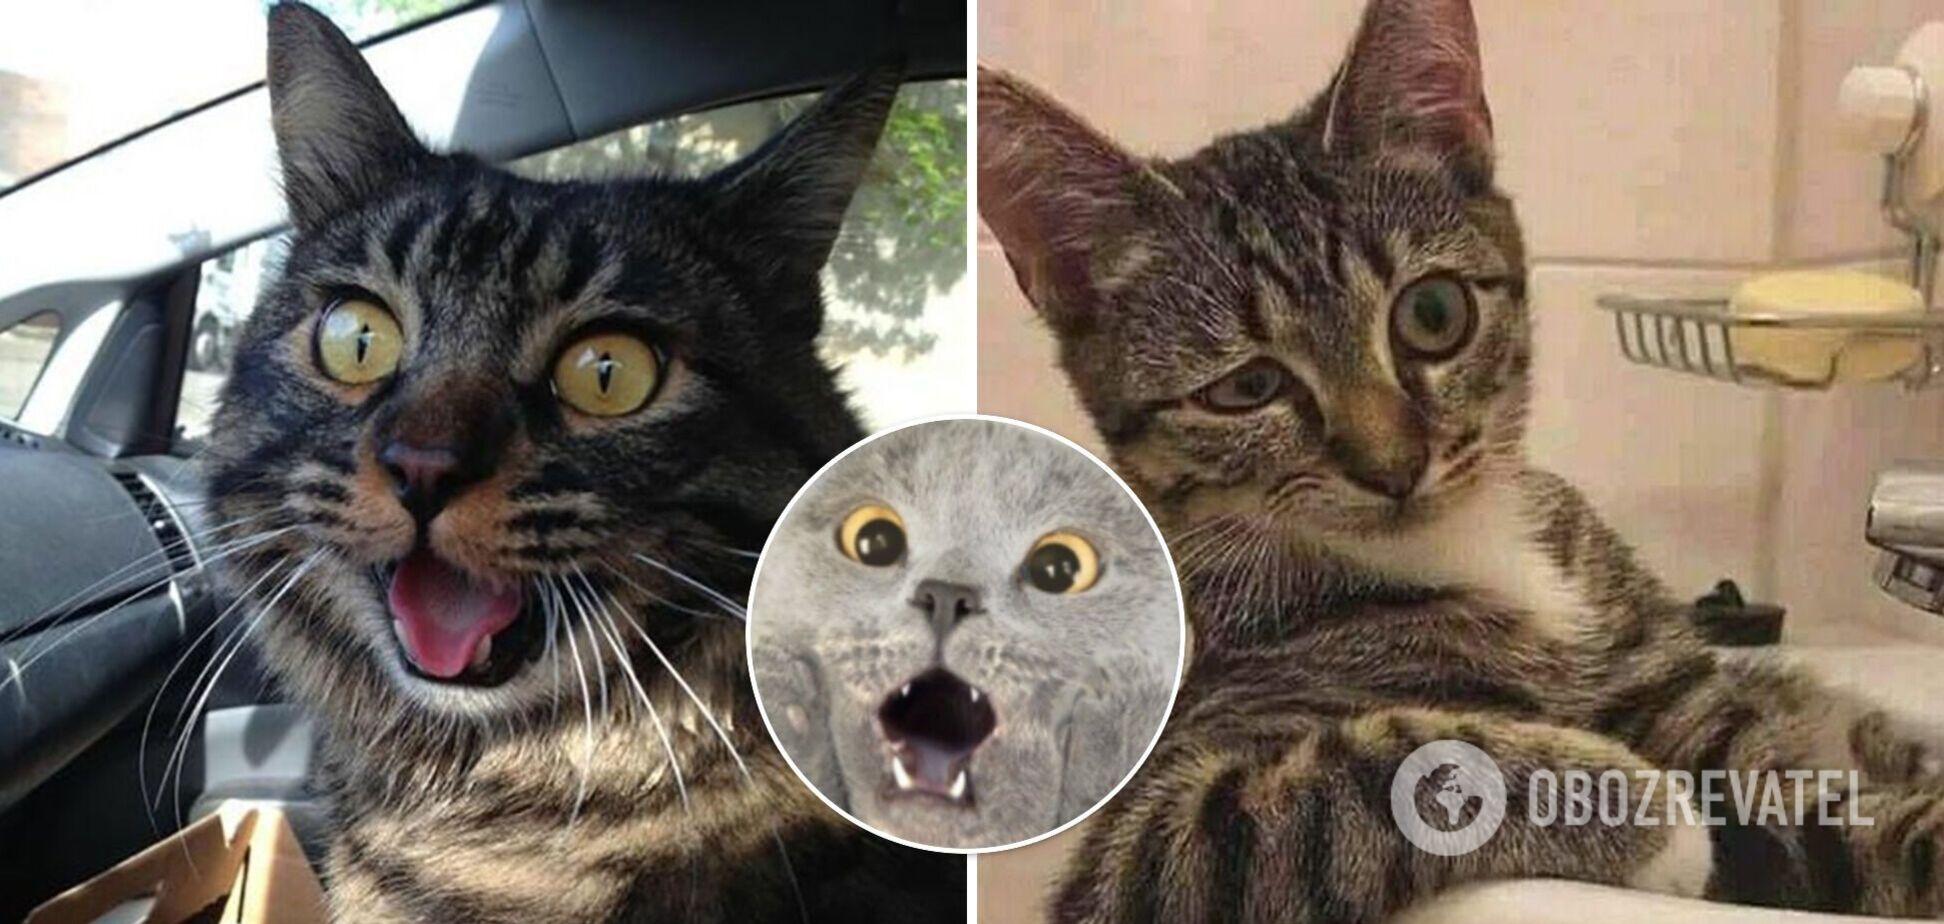 Коты позируют на камеру